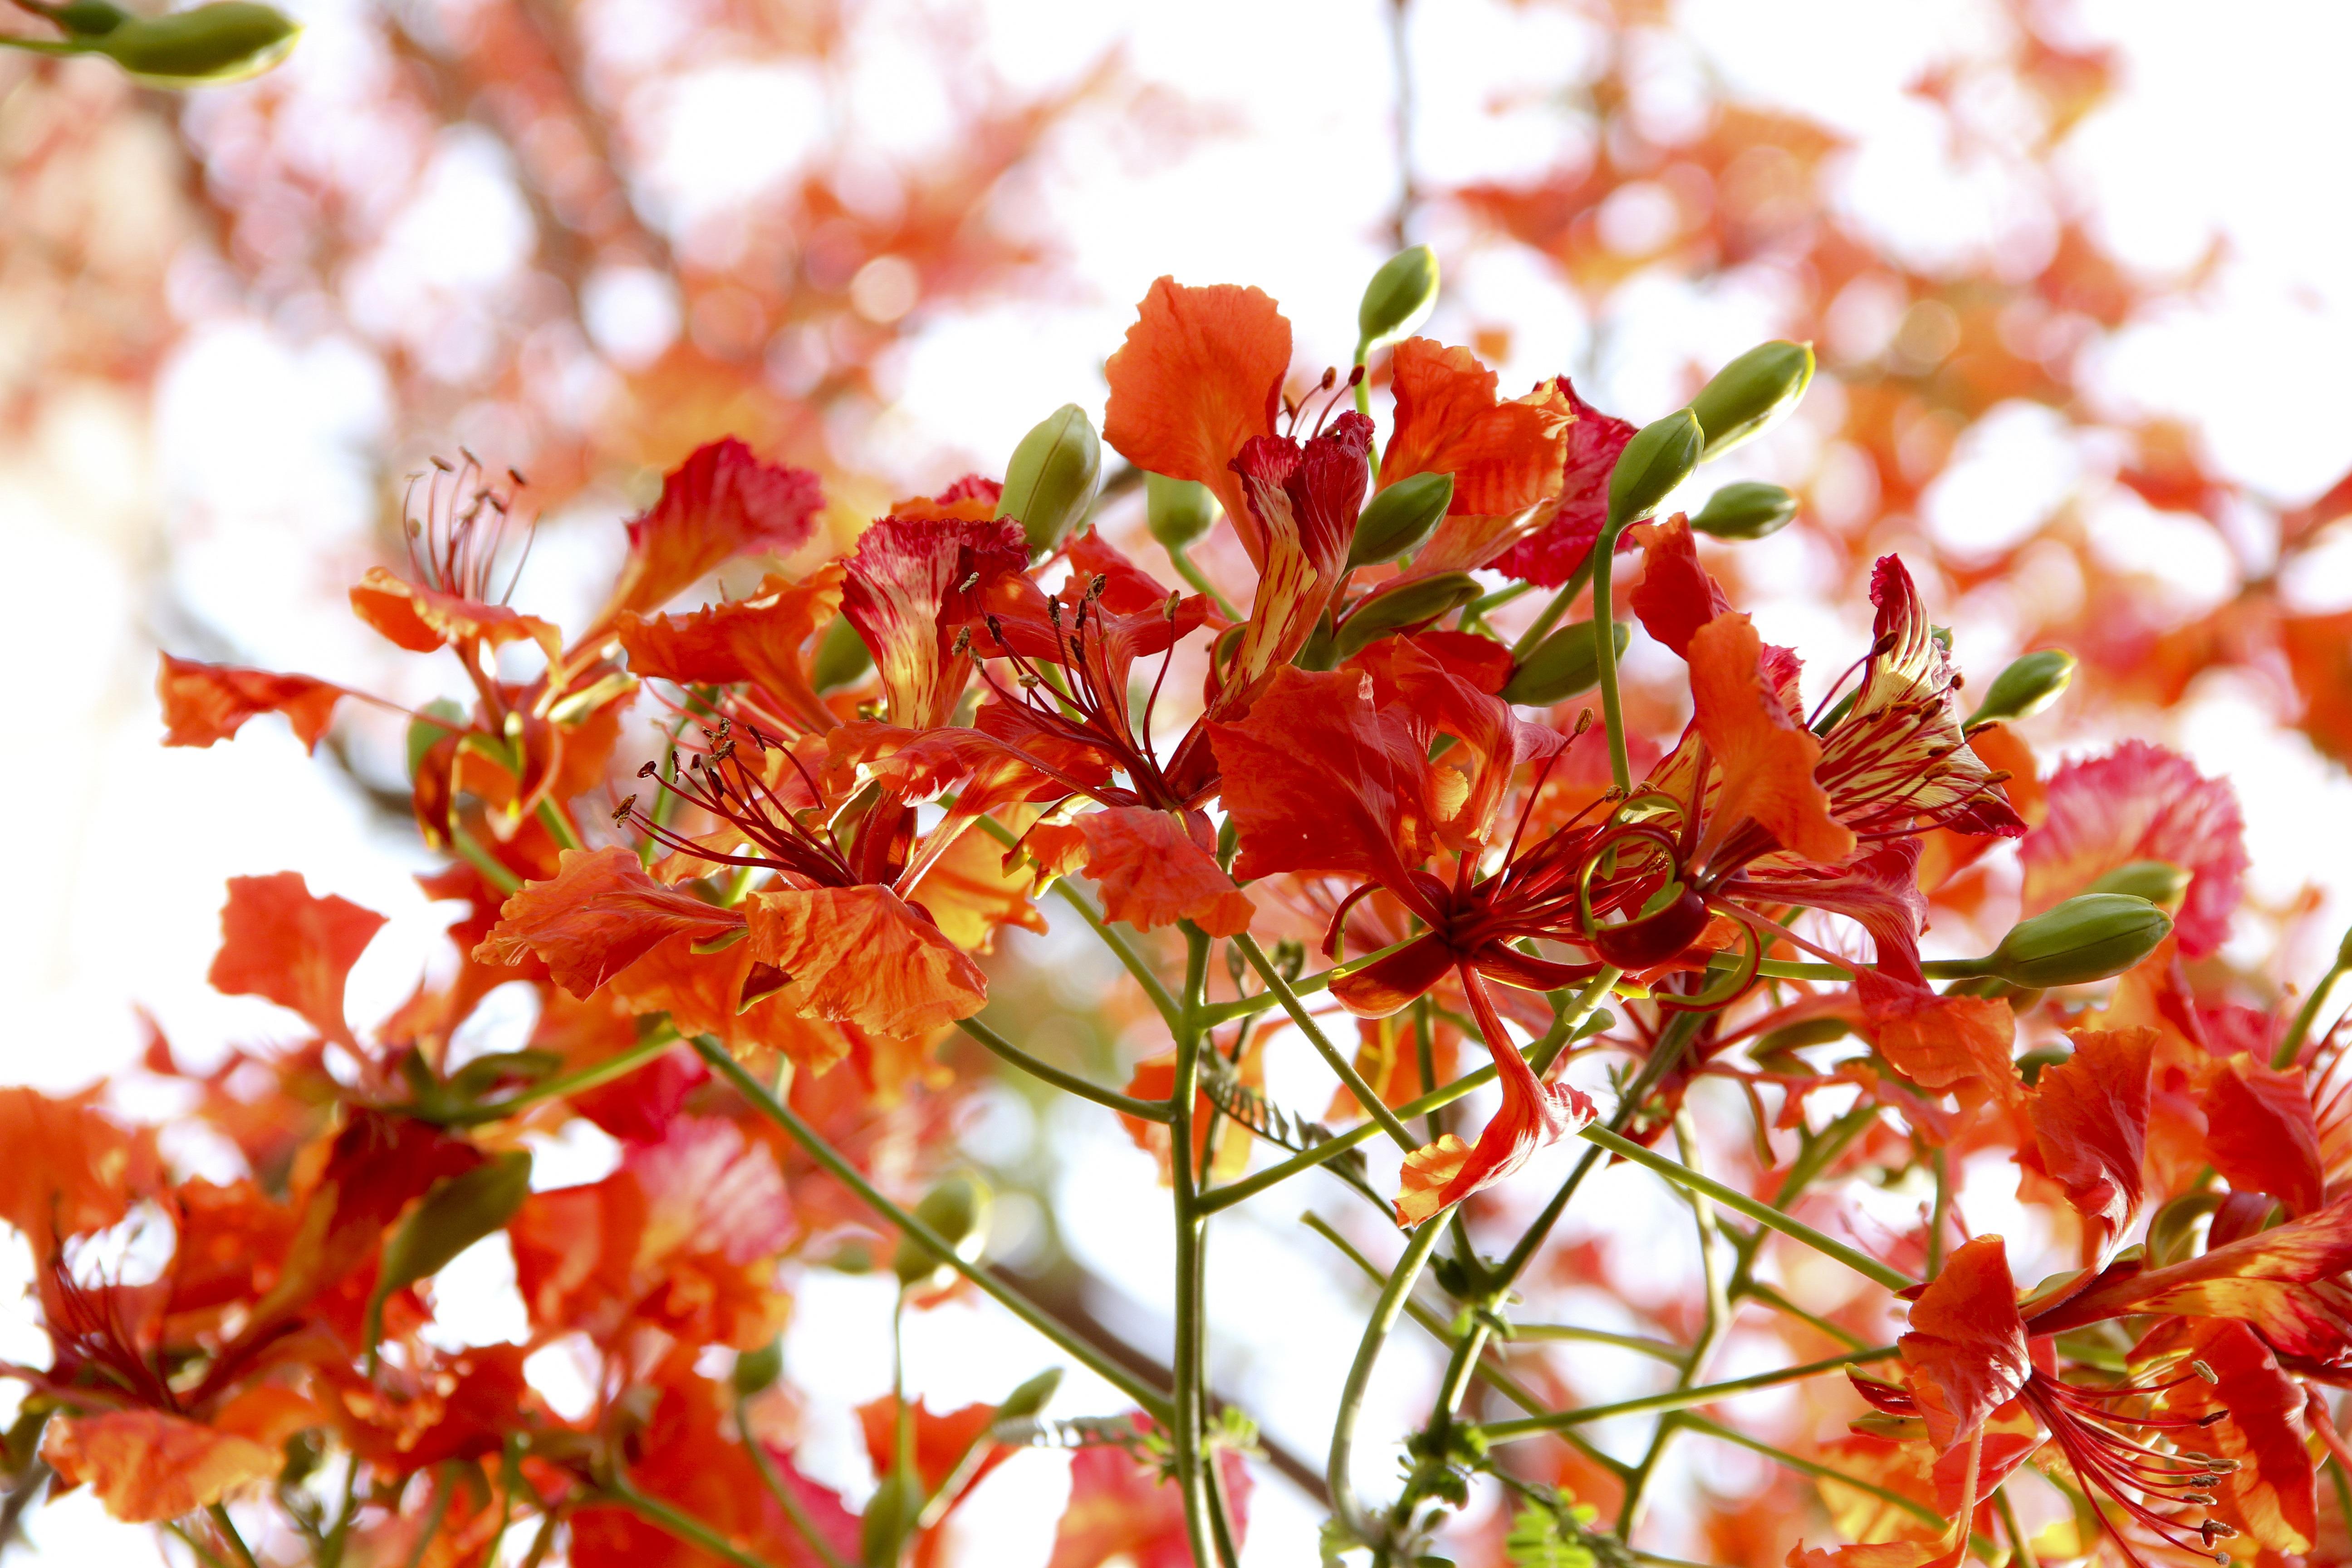 Gambar Alam Cabang Mekar Menanam Daun Bunga Merah